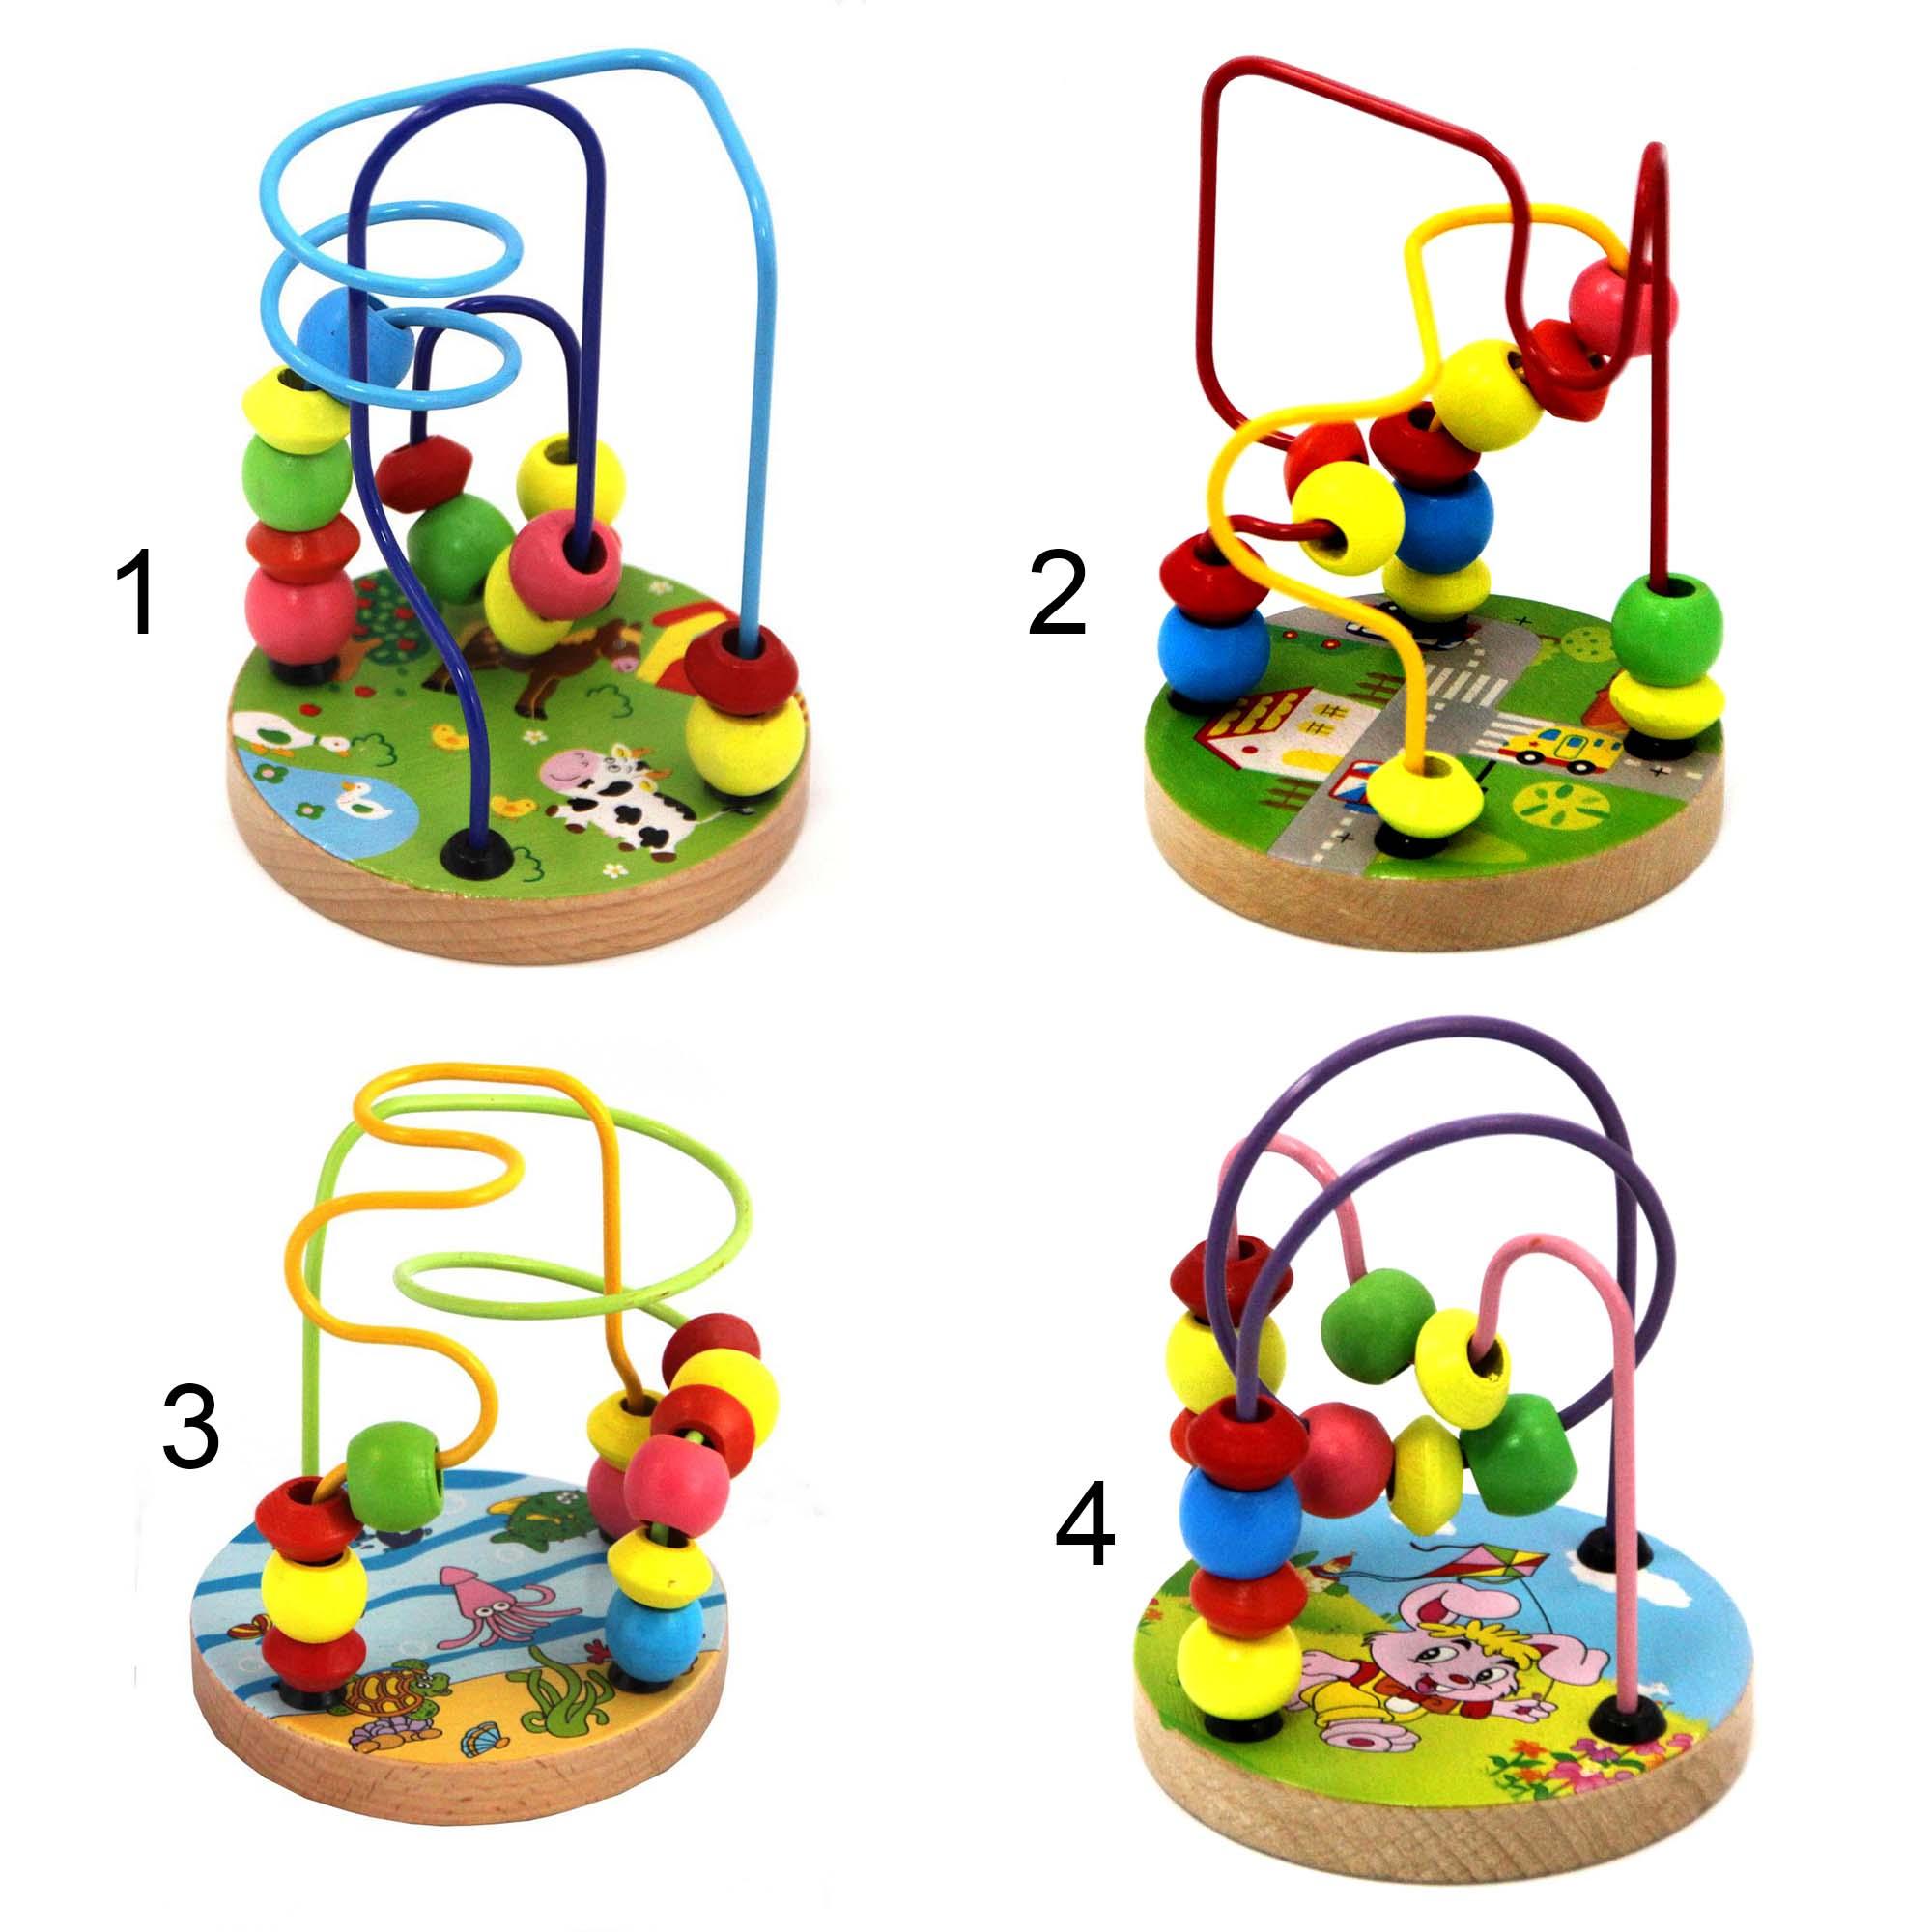 Деревянная игрушка - ЛабиринтЛабиринты<br>Деревянная игрушка - Лабиринт<br>